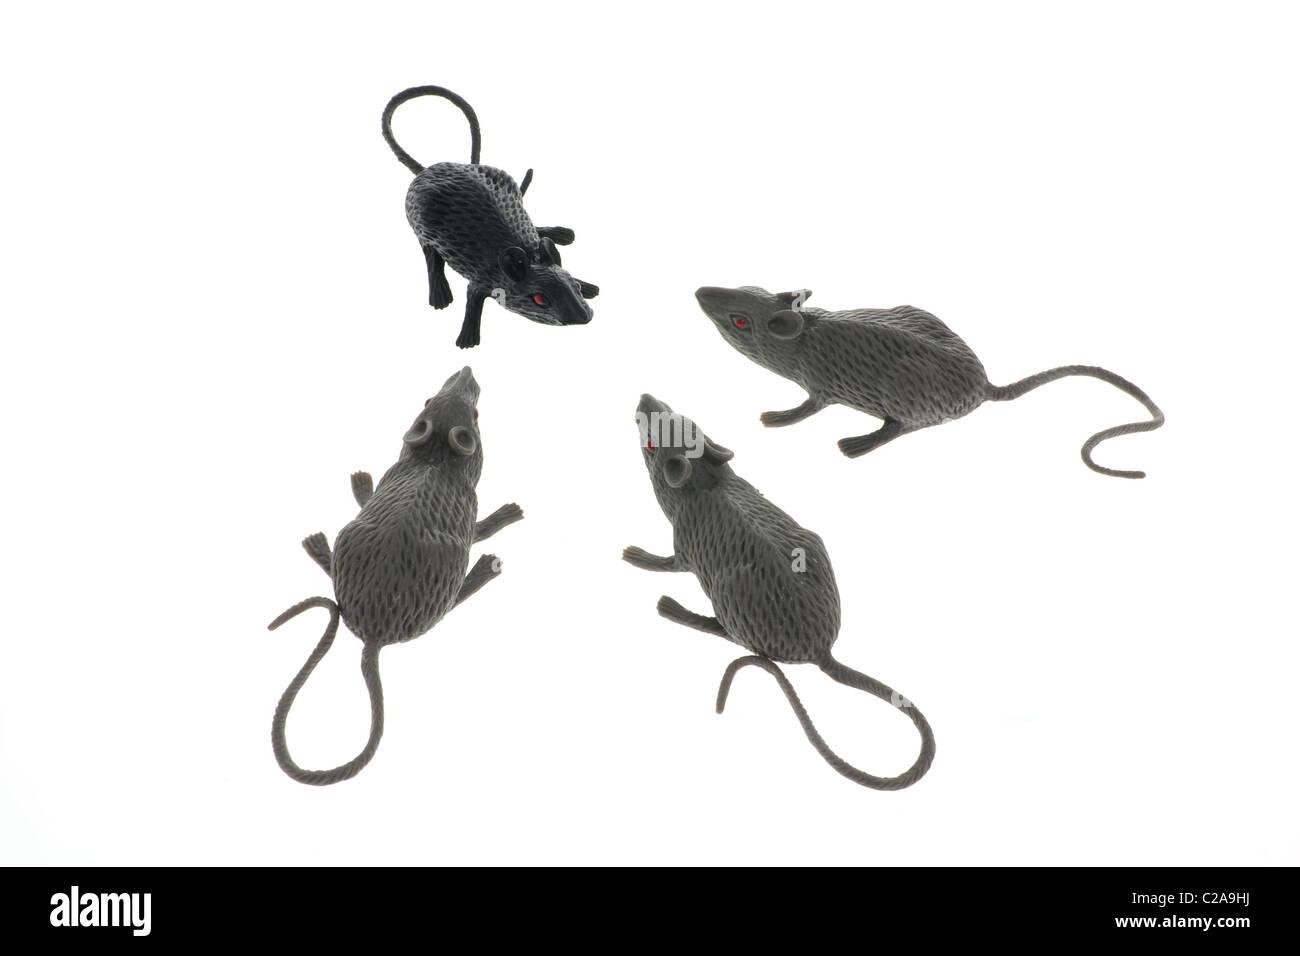 Spielzeug-Ratten Stockbild